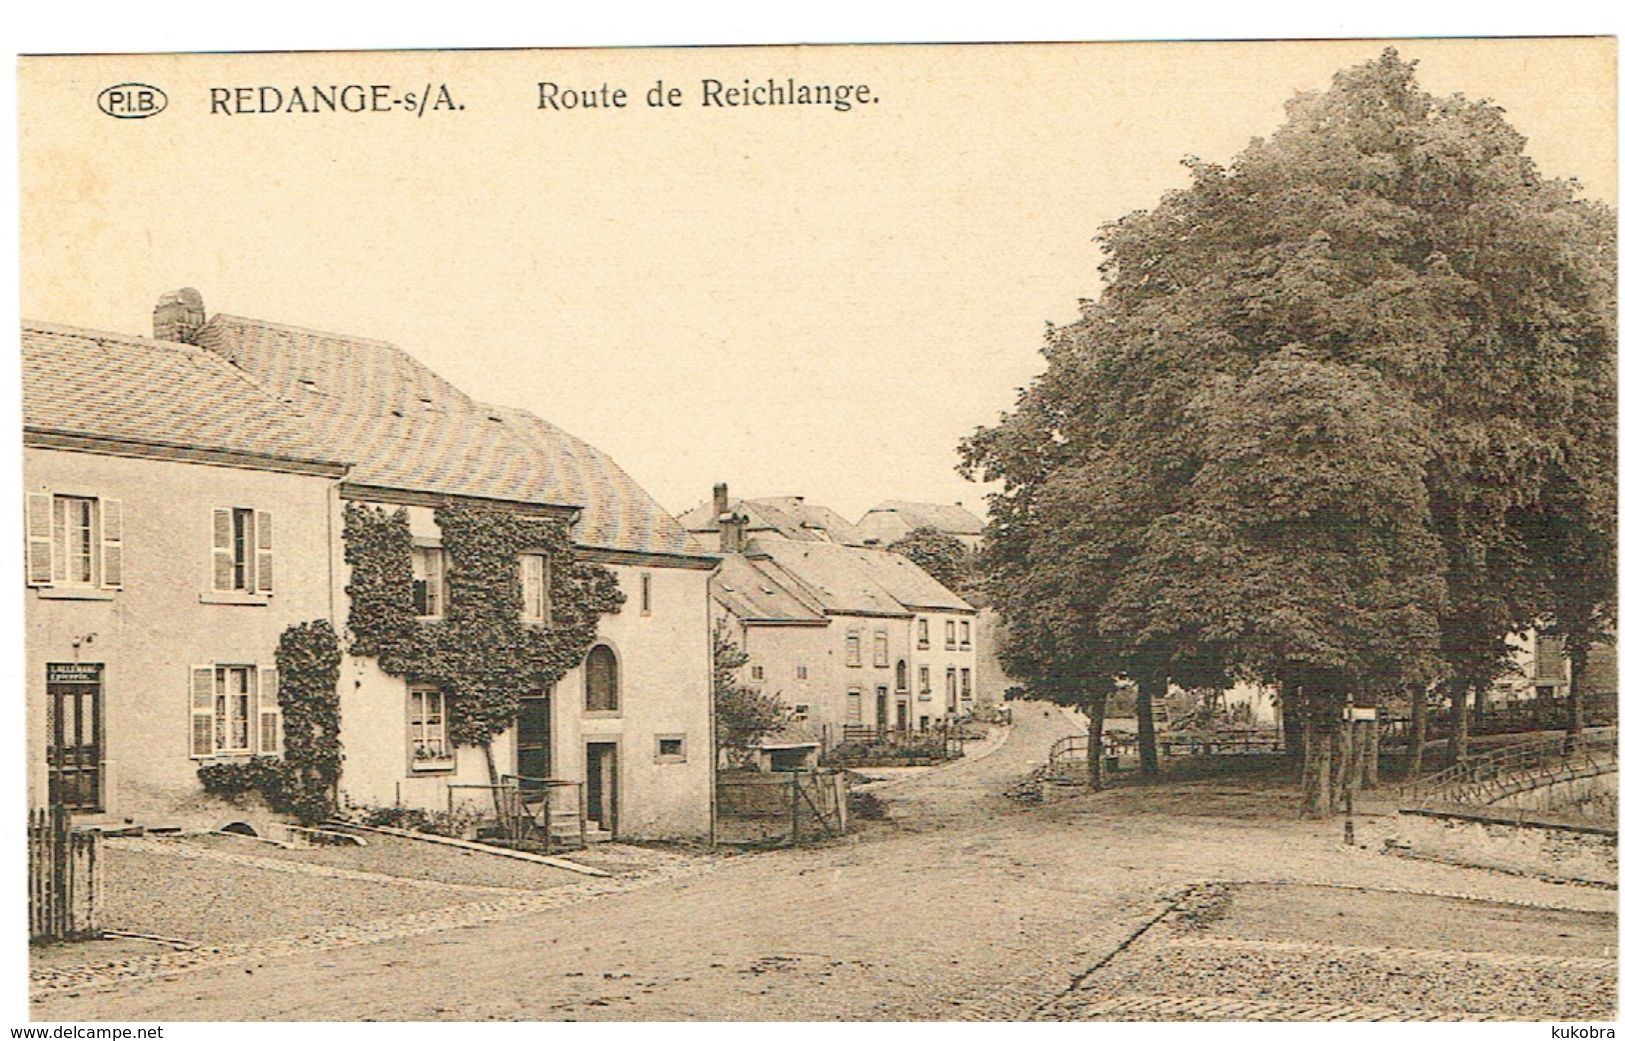 Rédange sur Attert (Route de Reichlange)